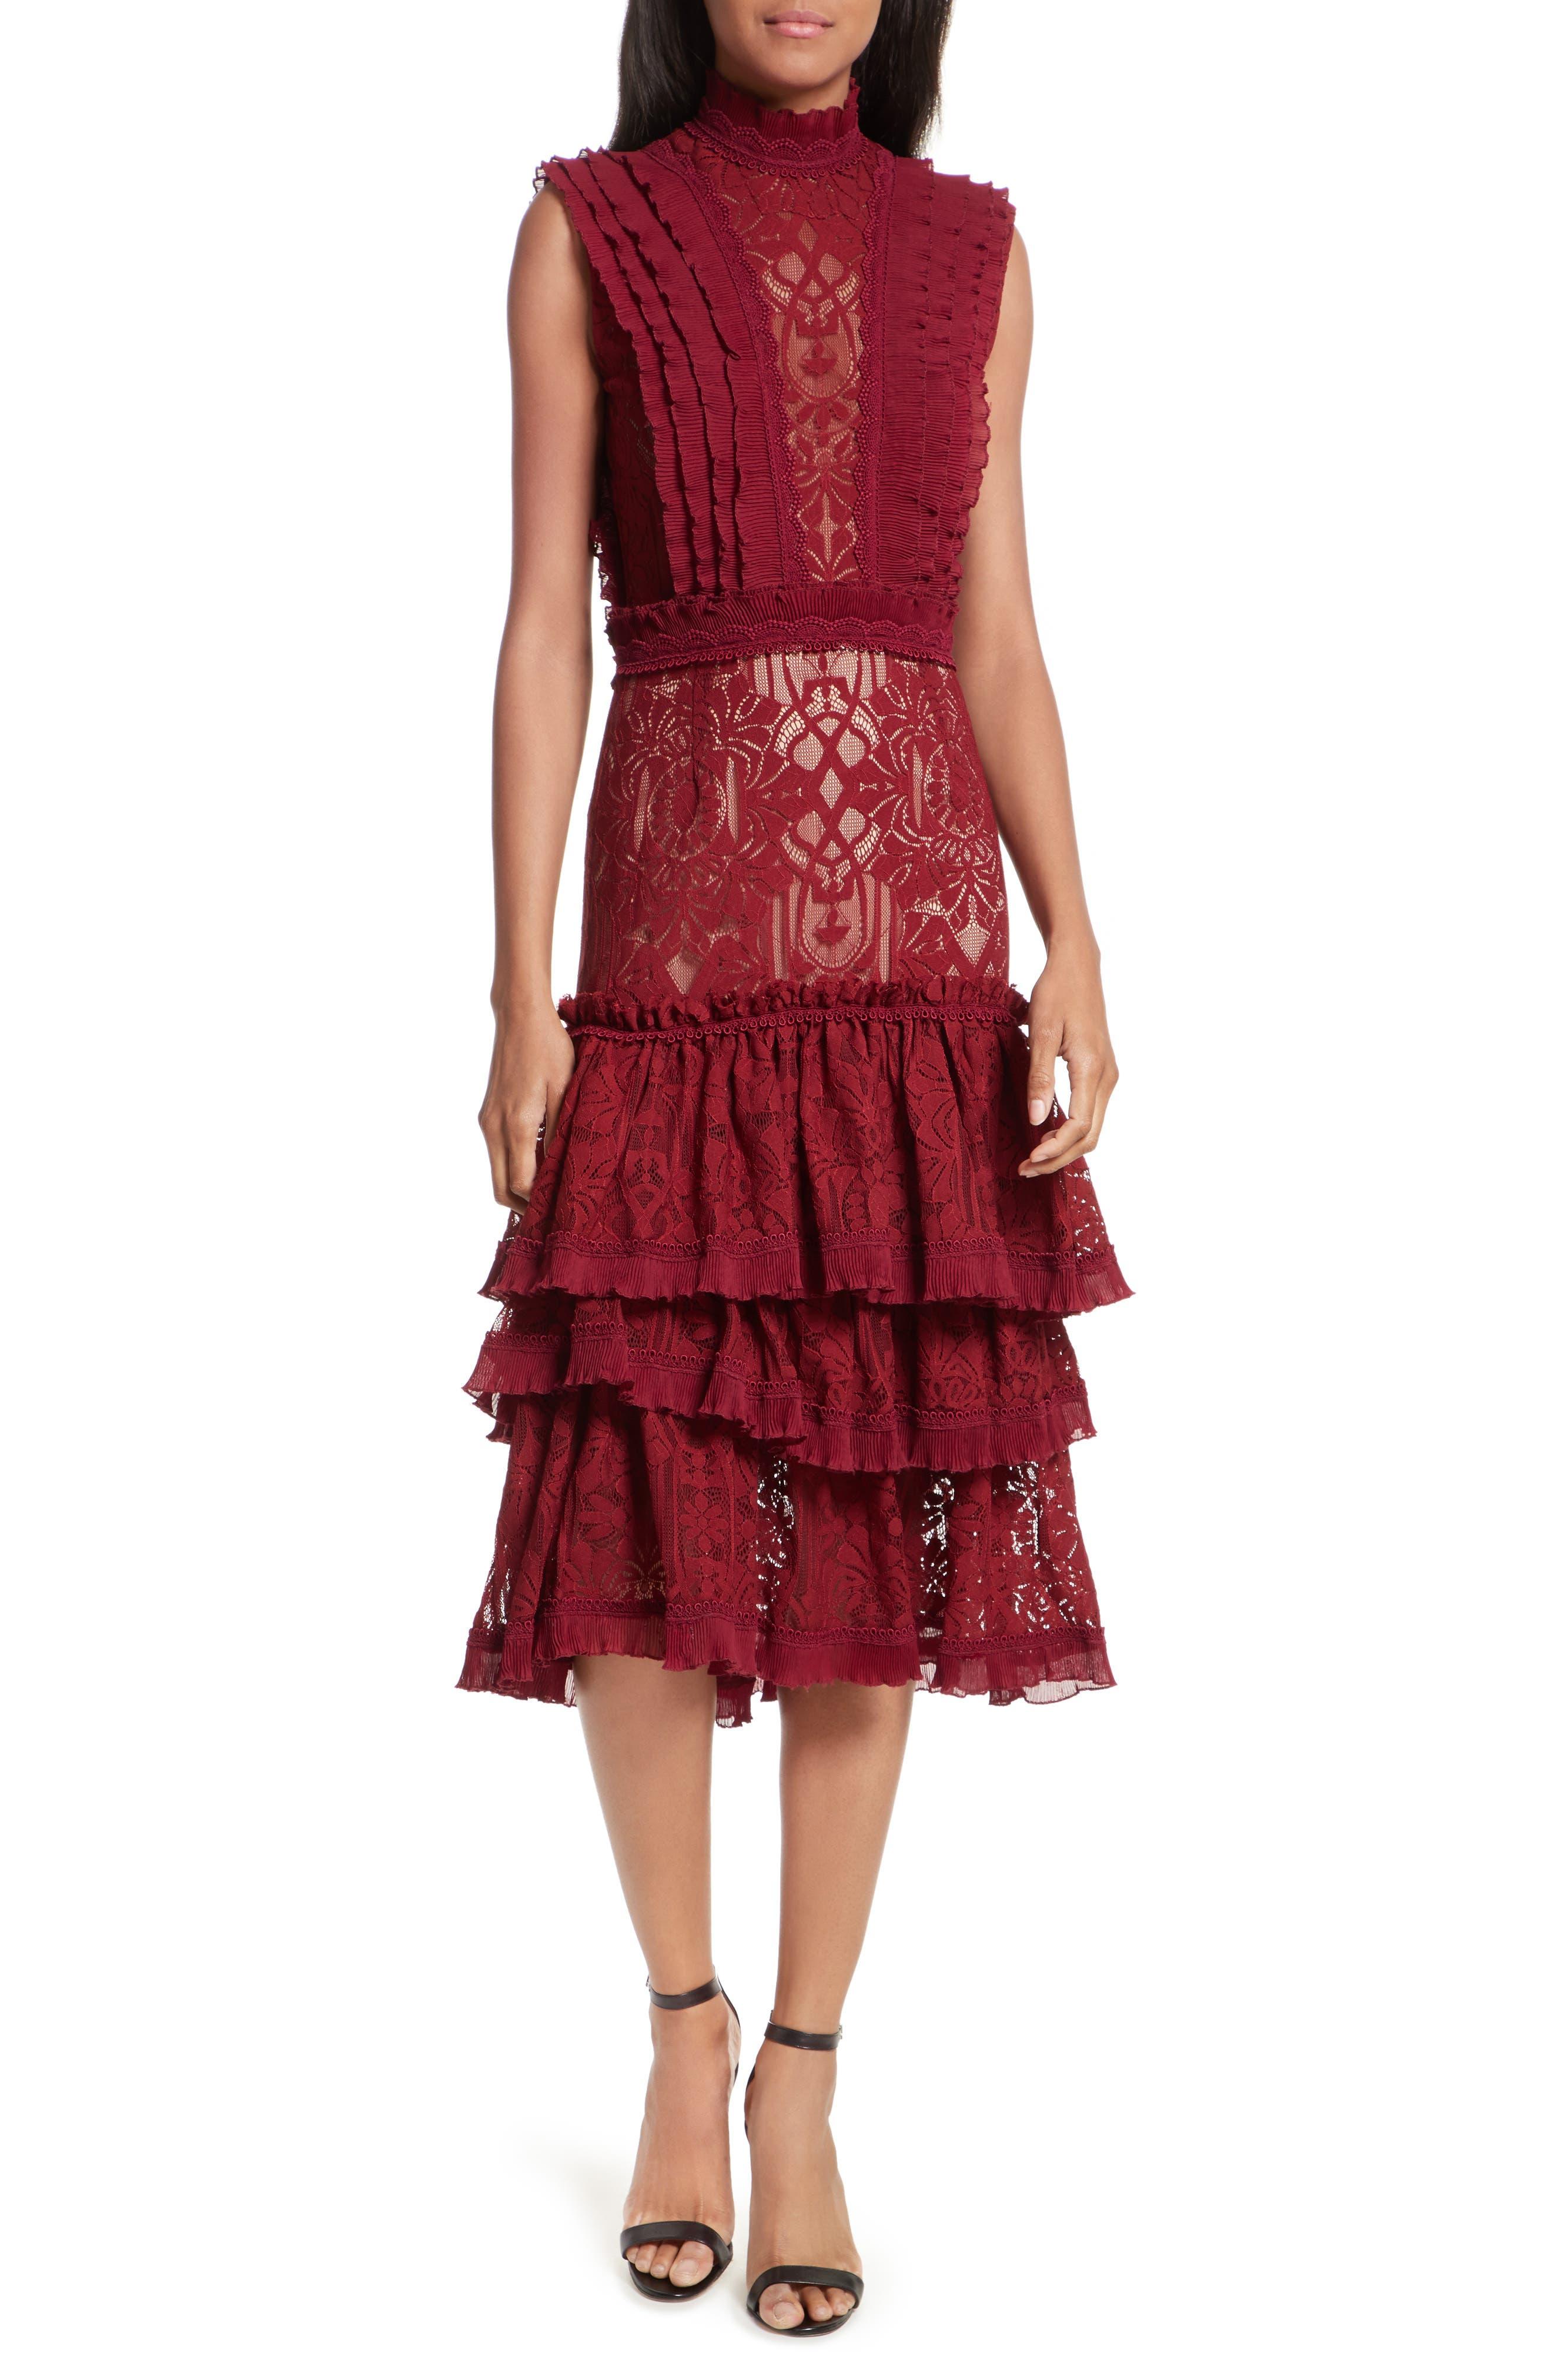 Main Image - Jonathan Simkhai Tower Mesh Lace Ruffled Dress